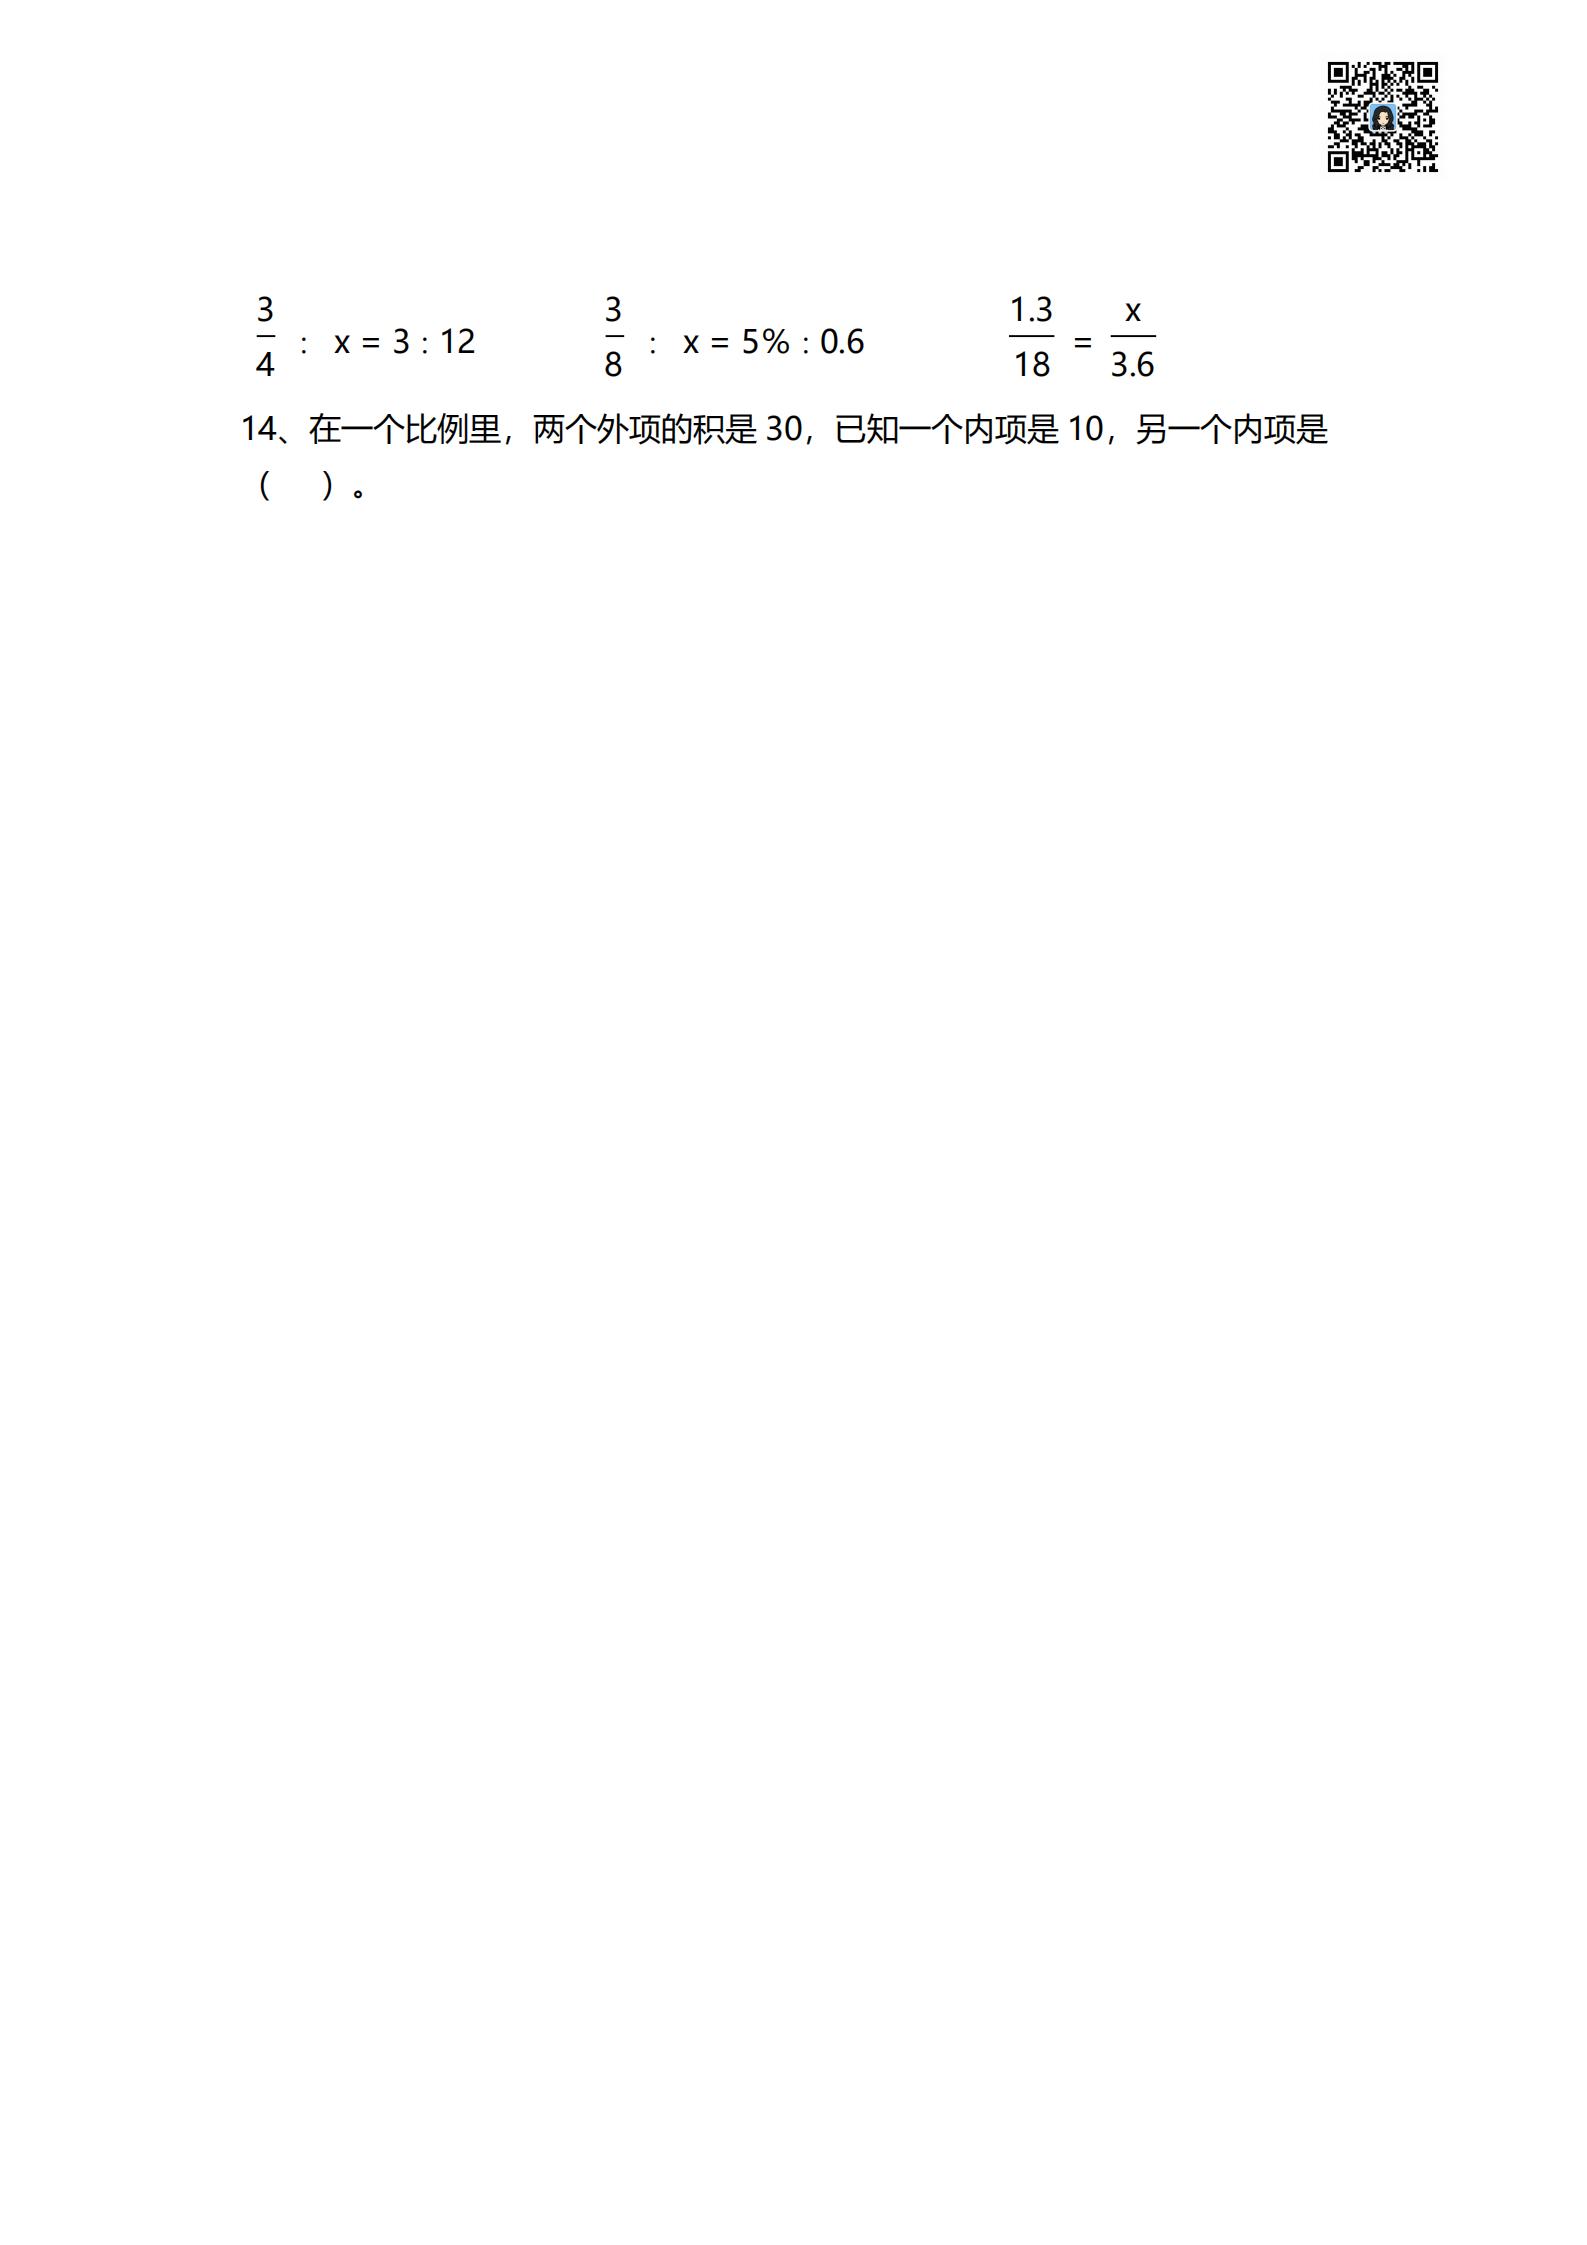 【数学】高频考点-四大专题知识点精选题_23.png